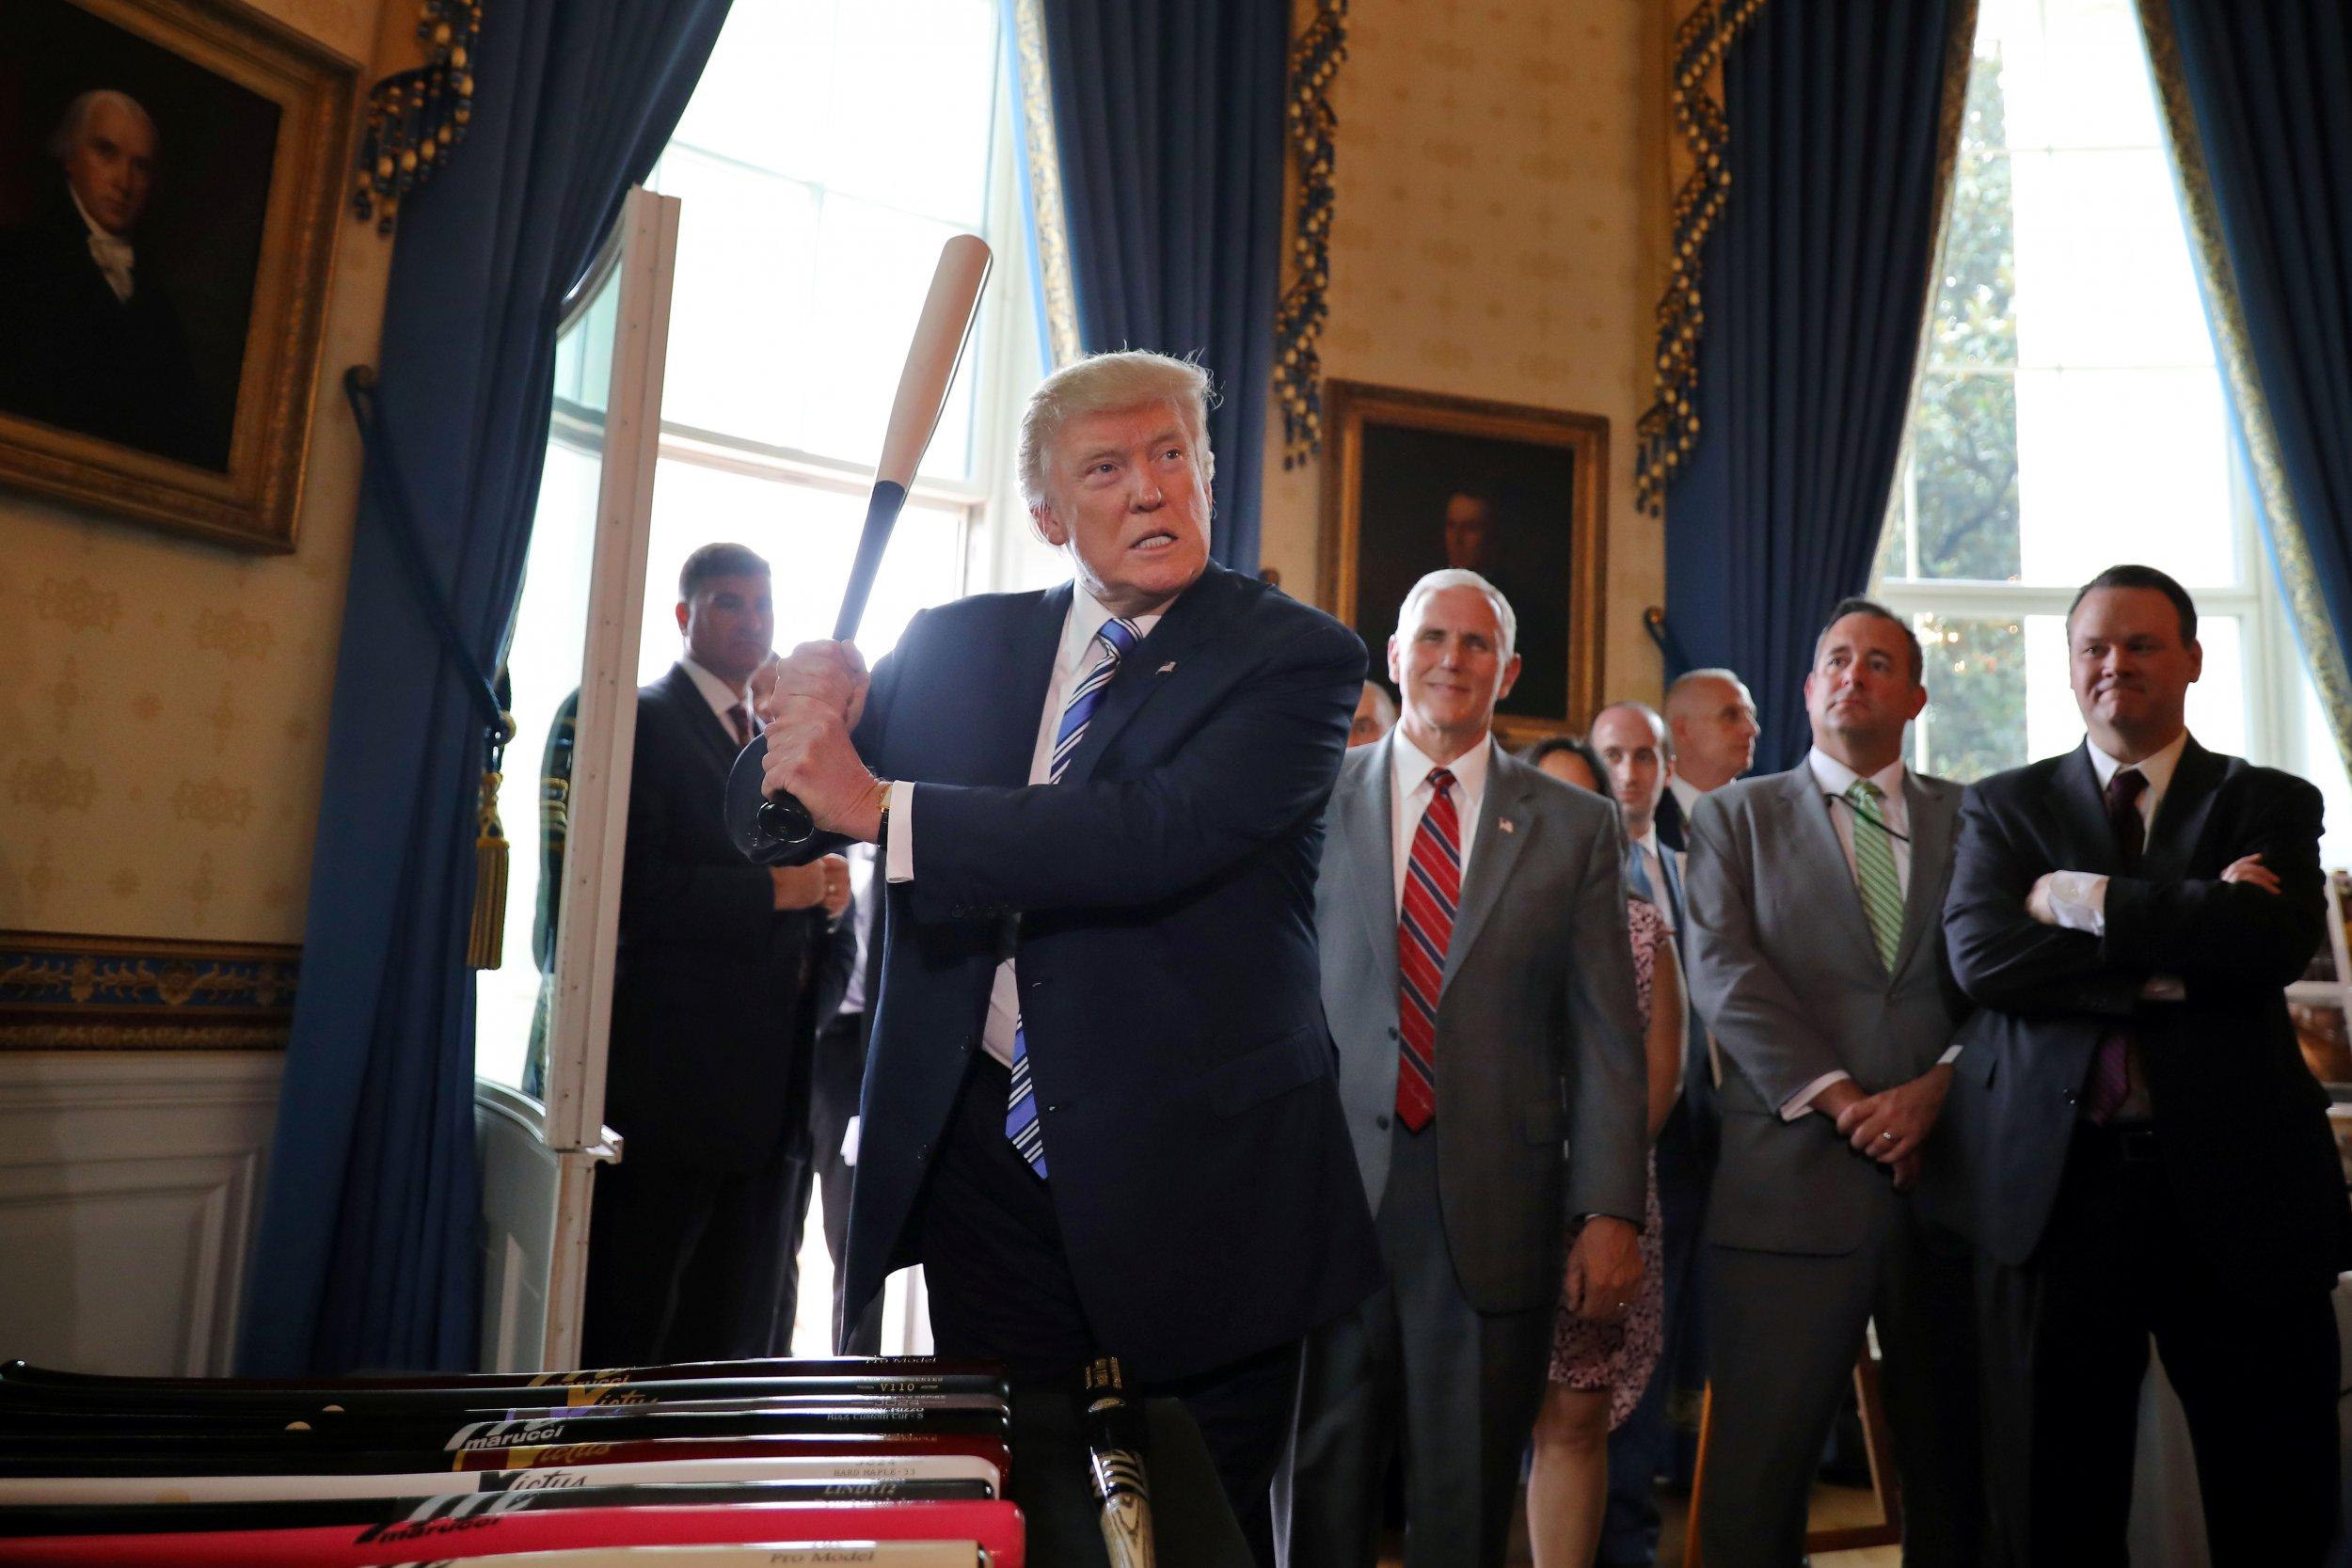 12_13_TrumpBaseball